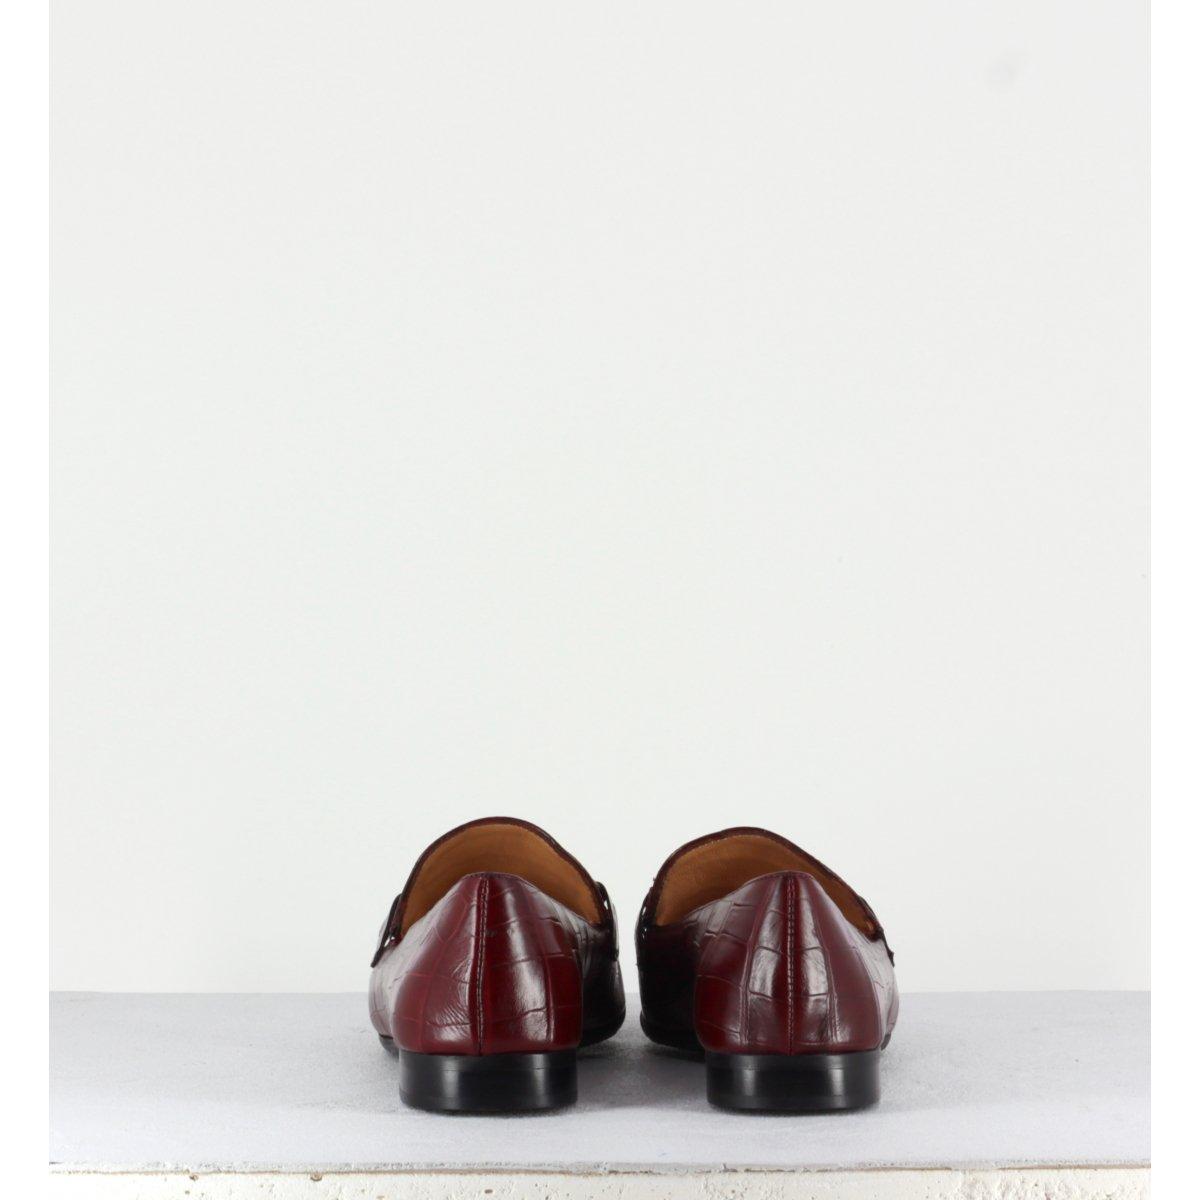 Mocassins plats à bout carré en cuir estampillé croco bordeau  MARA BINI - F536 BORDEAU